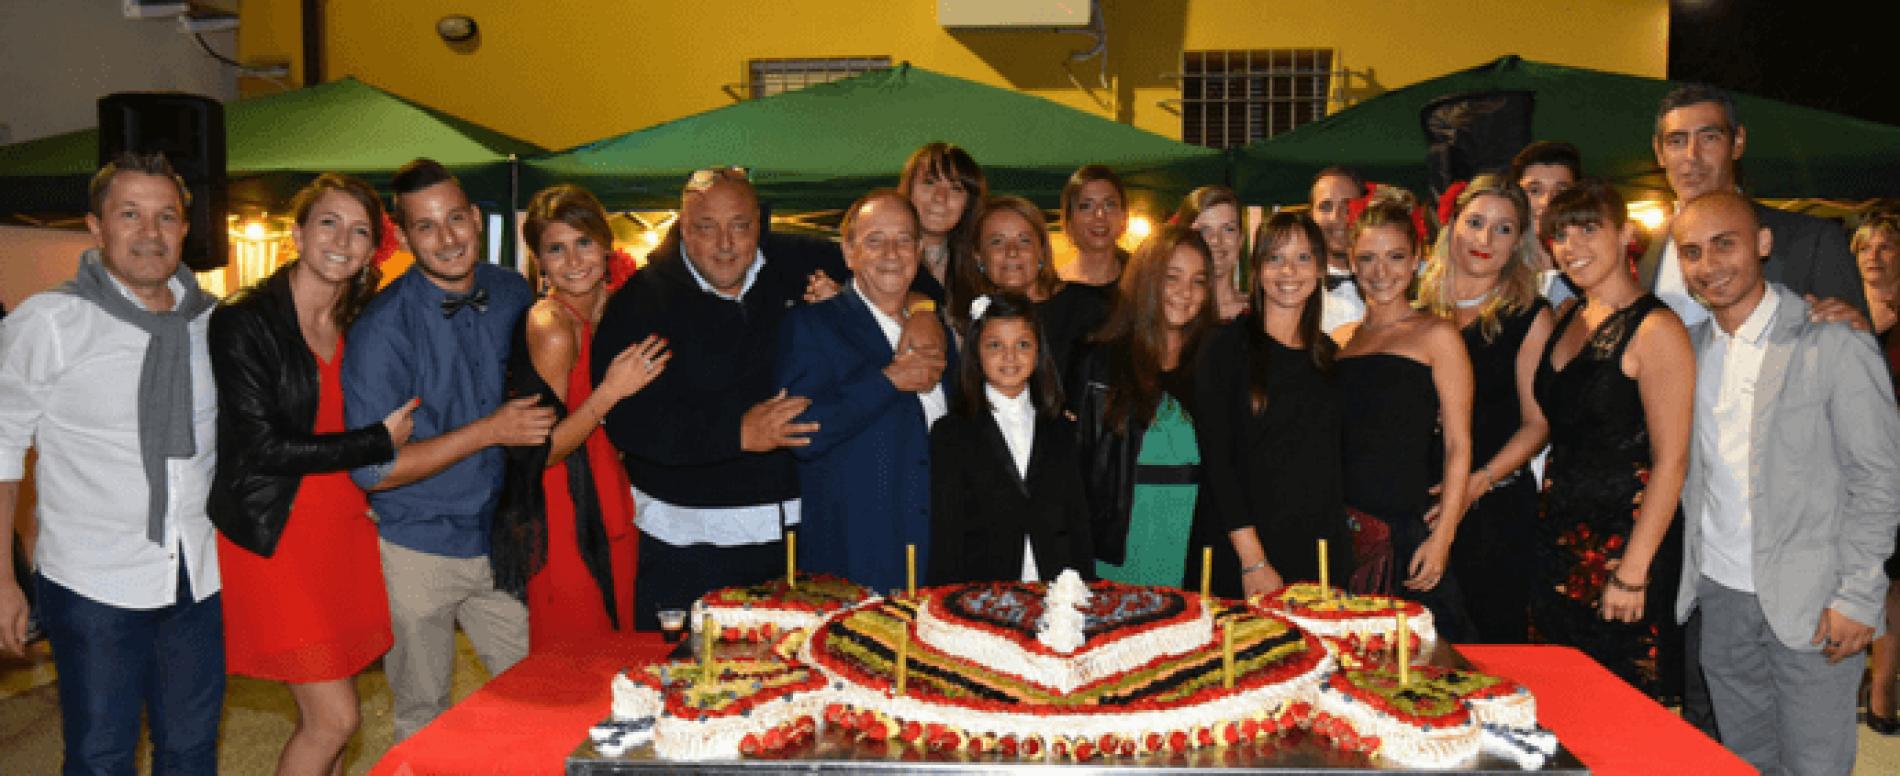 Foto Gallery: Festa annuale della Commerciale Adriatica